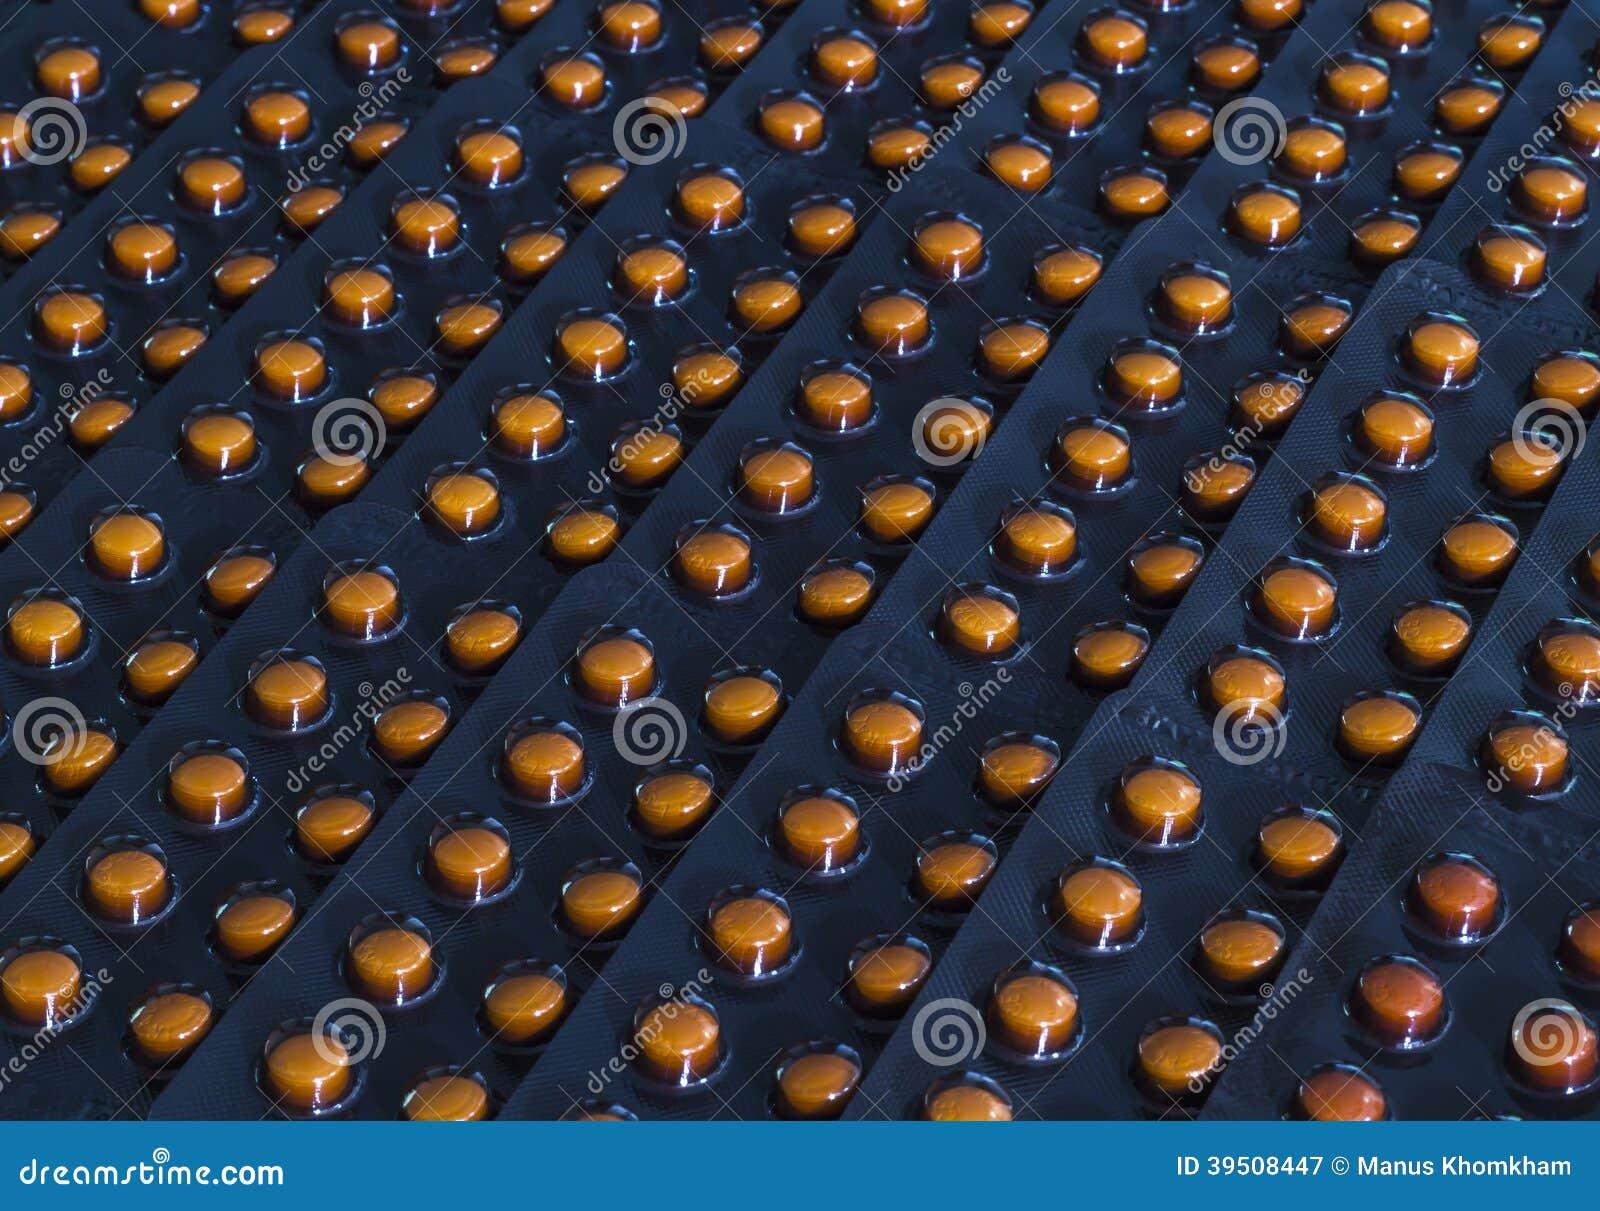 Orange pills in black blister pack